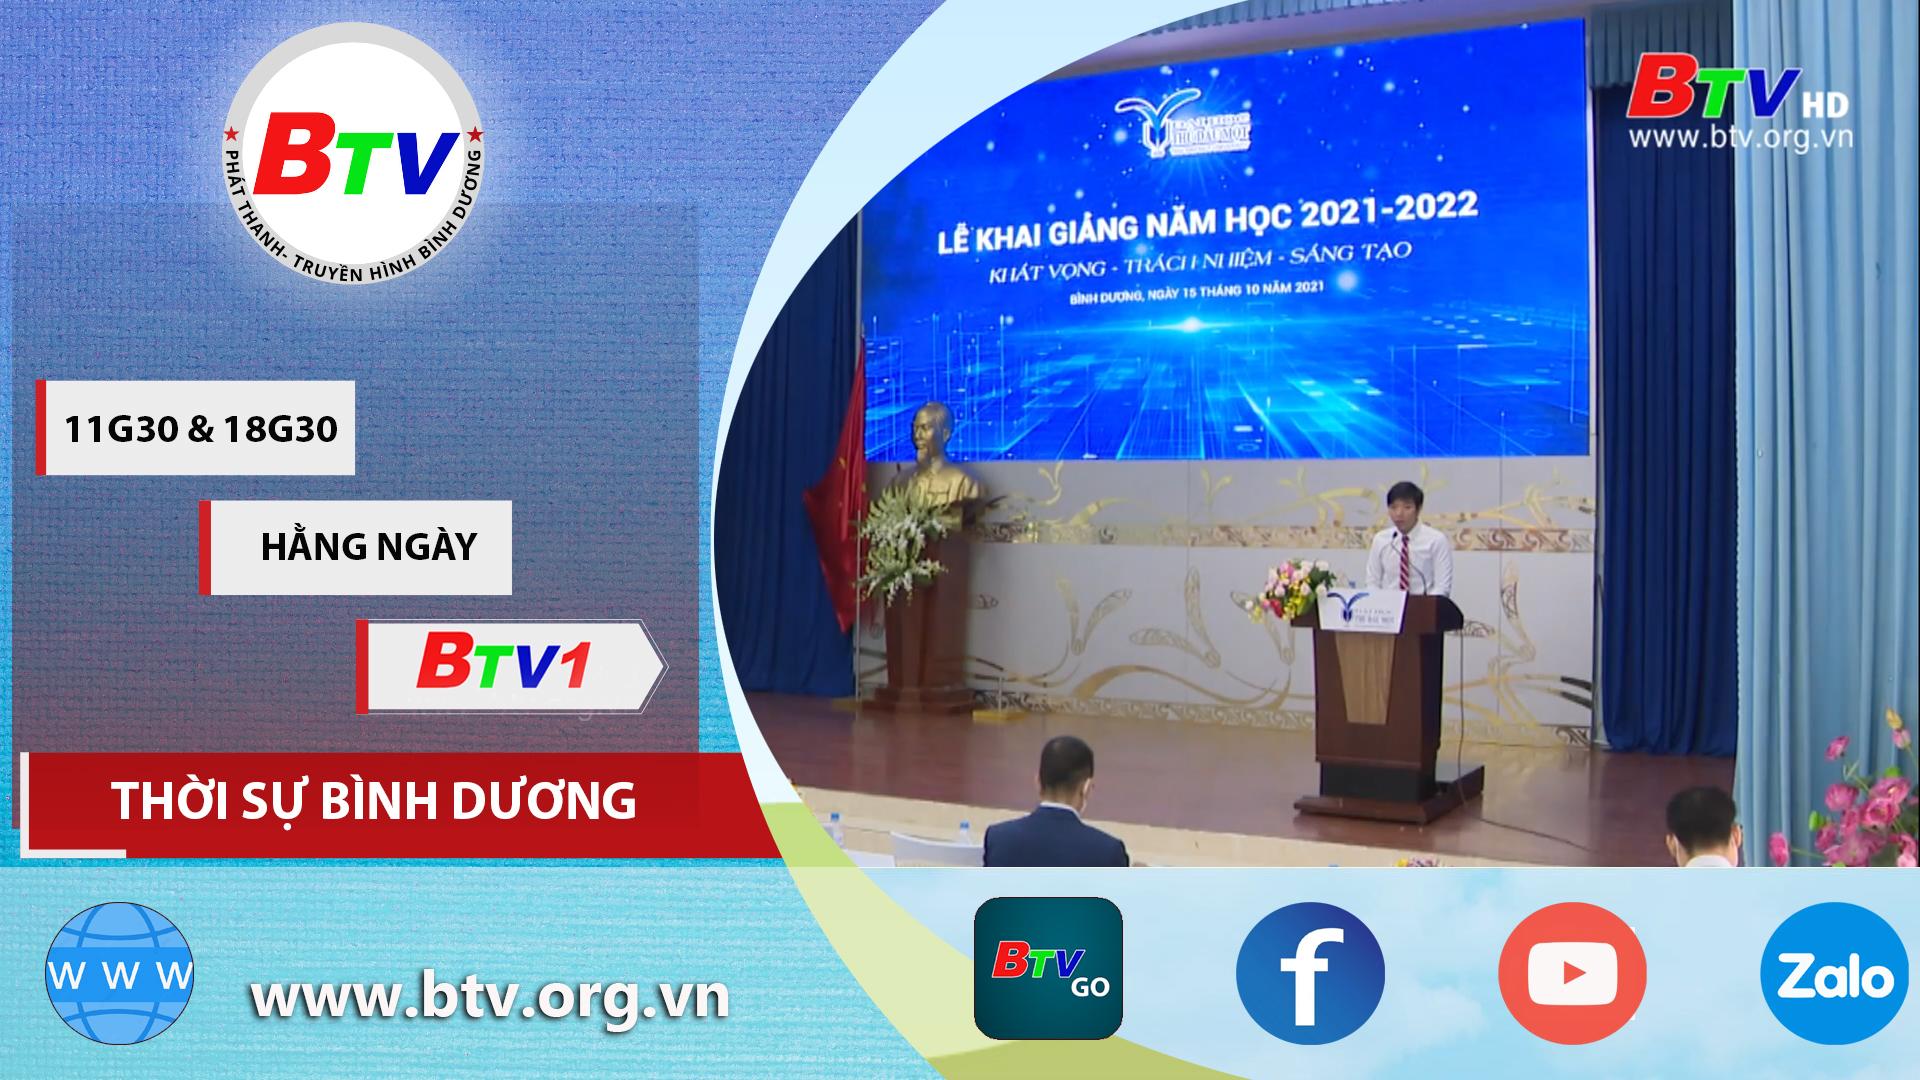 Đại học Thủ Dầu Một khai giảng năm học mới 2021 - 2022